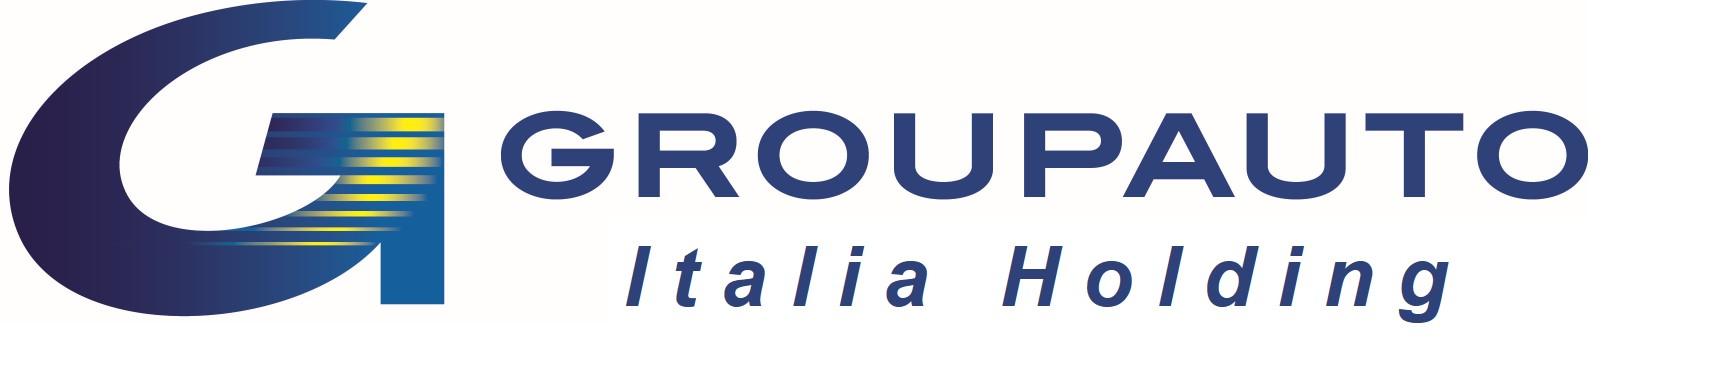 Groupauto Italia Holding (3)